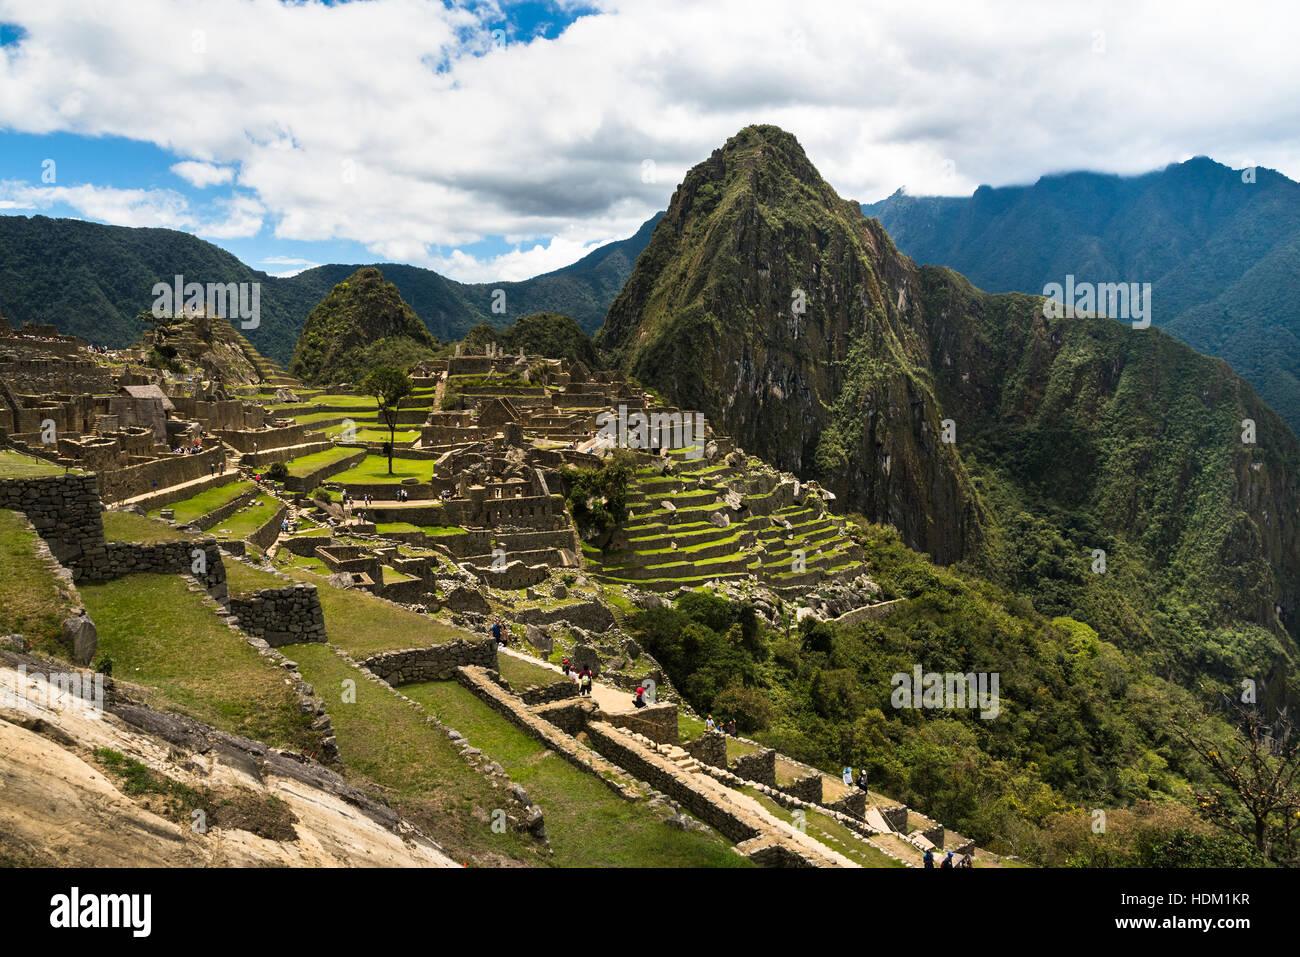 Vue de la cité inca perdue de Machu Picchu près de Cusco, Pérou. Le Machu Picchu est un sanctuaire Photo Stock